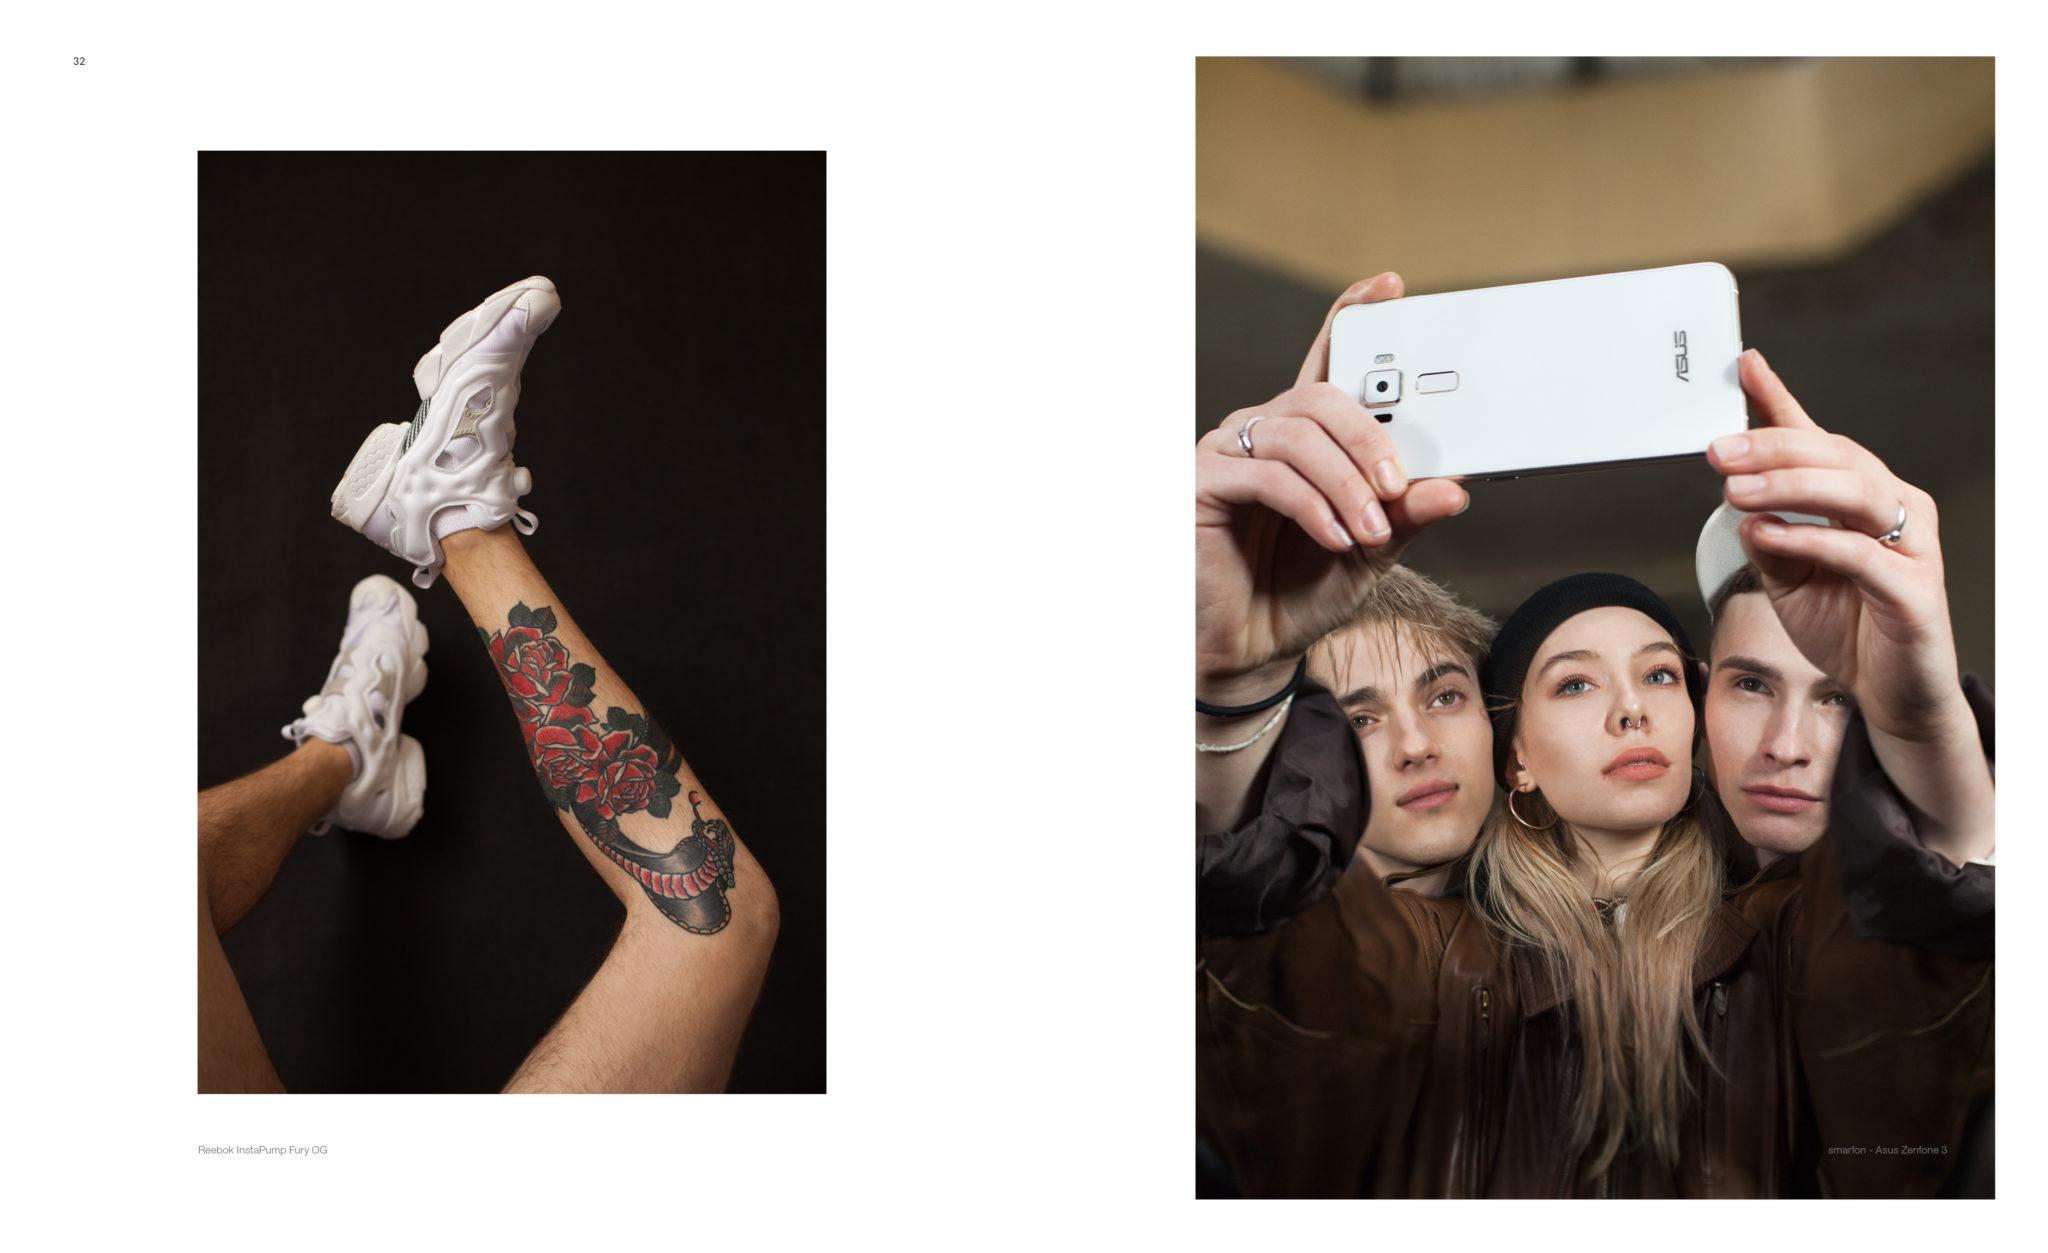 Sklejka z dwóch zdjęć: po lewej stronie męskie nogi z tauażem na łydce i białymi butami, po prawej: dziewczyna i dwóch chłopaków robiących sobie selfie